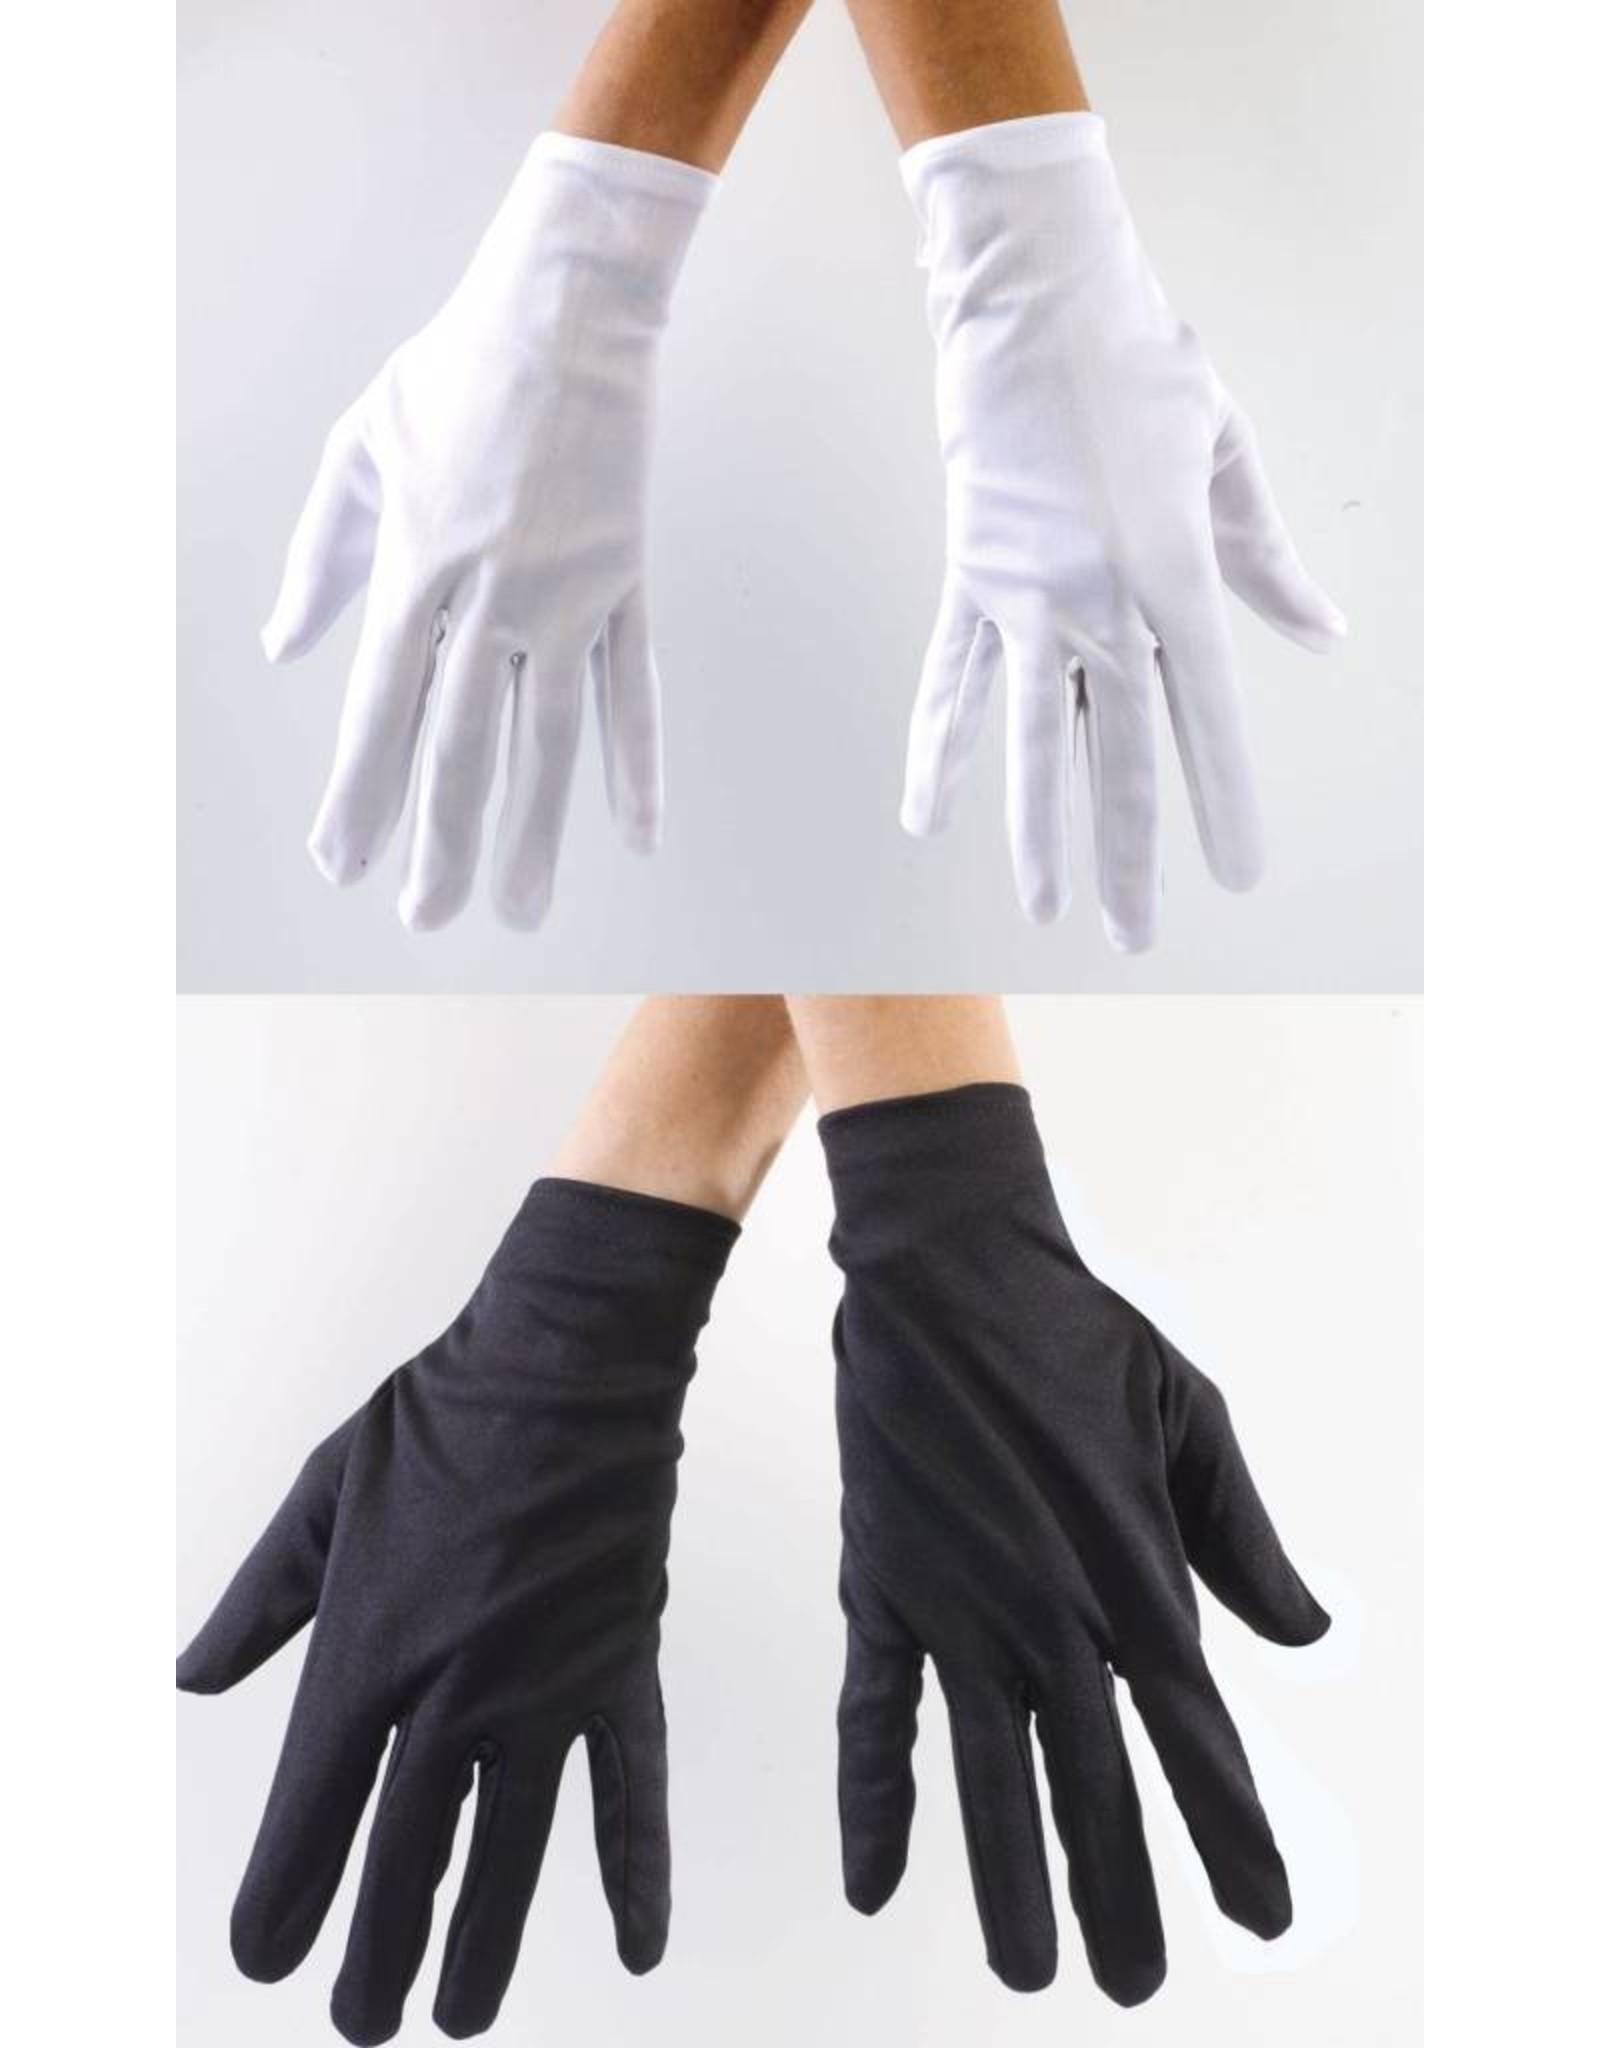 Funworld Gloves Short White